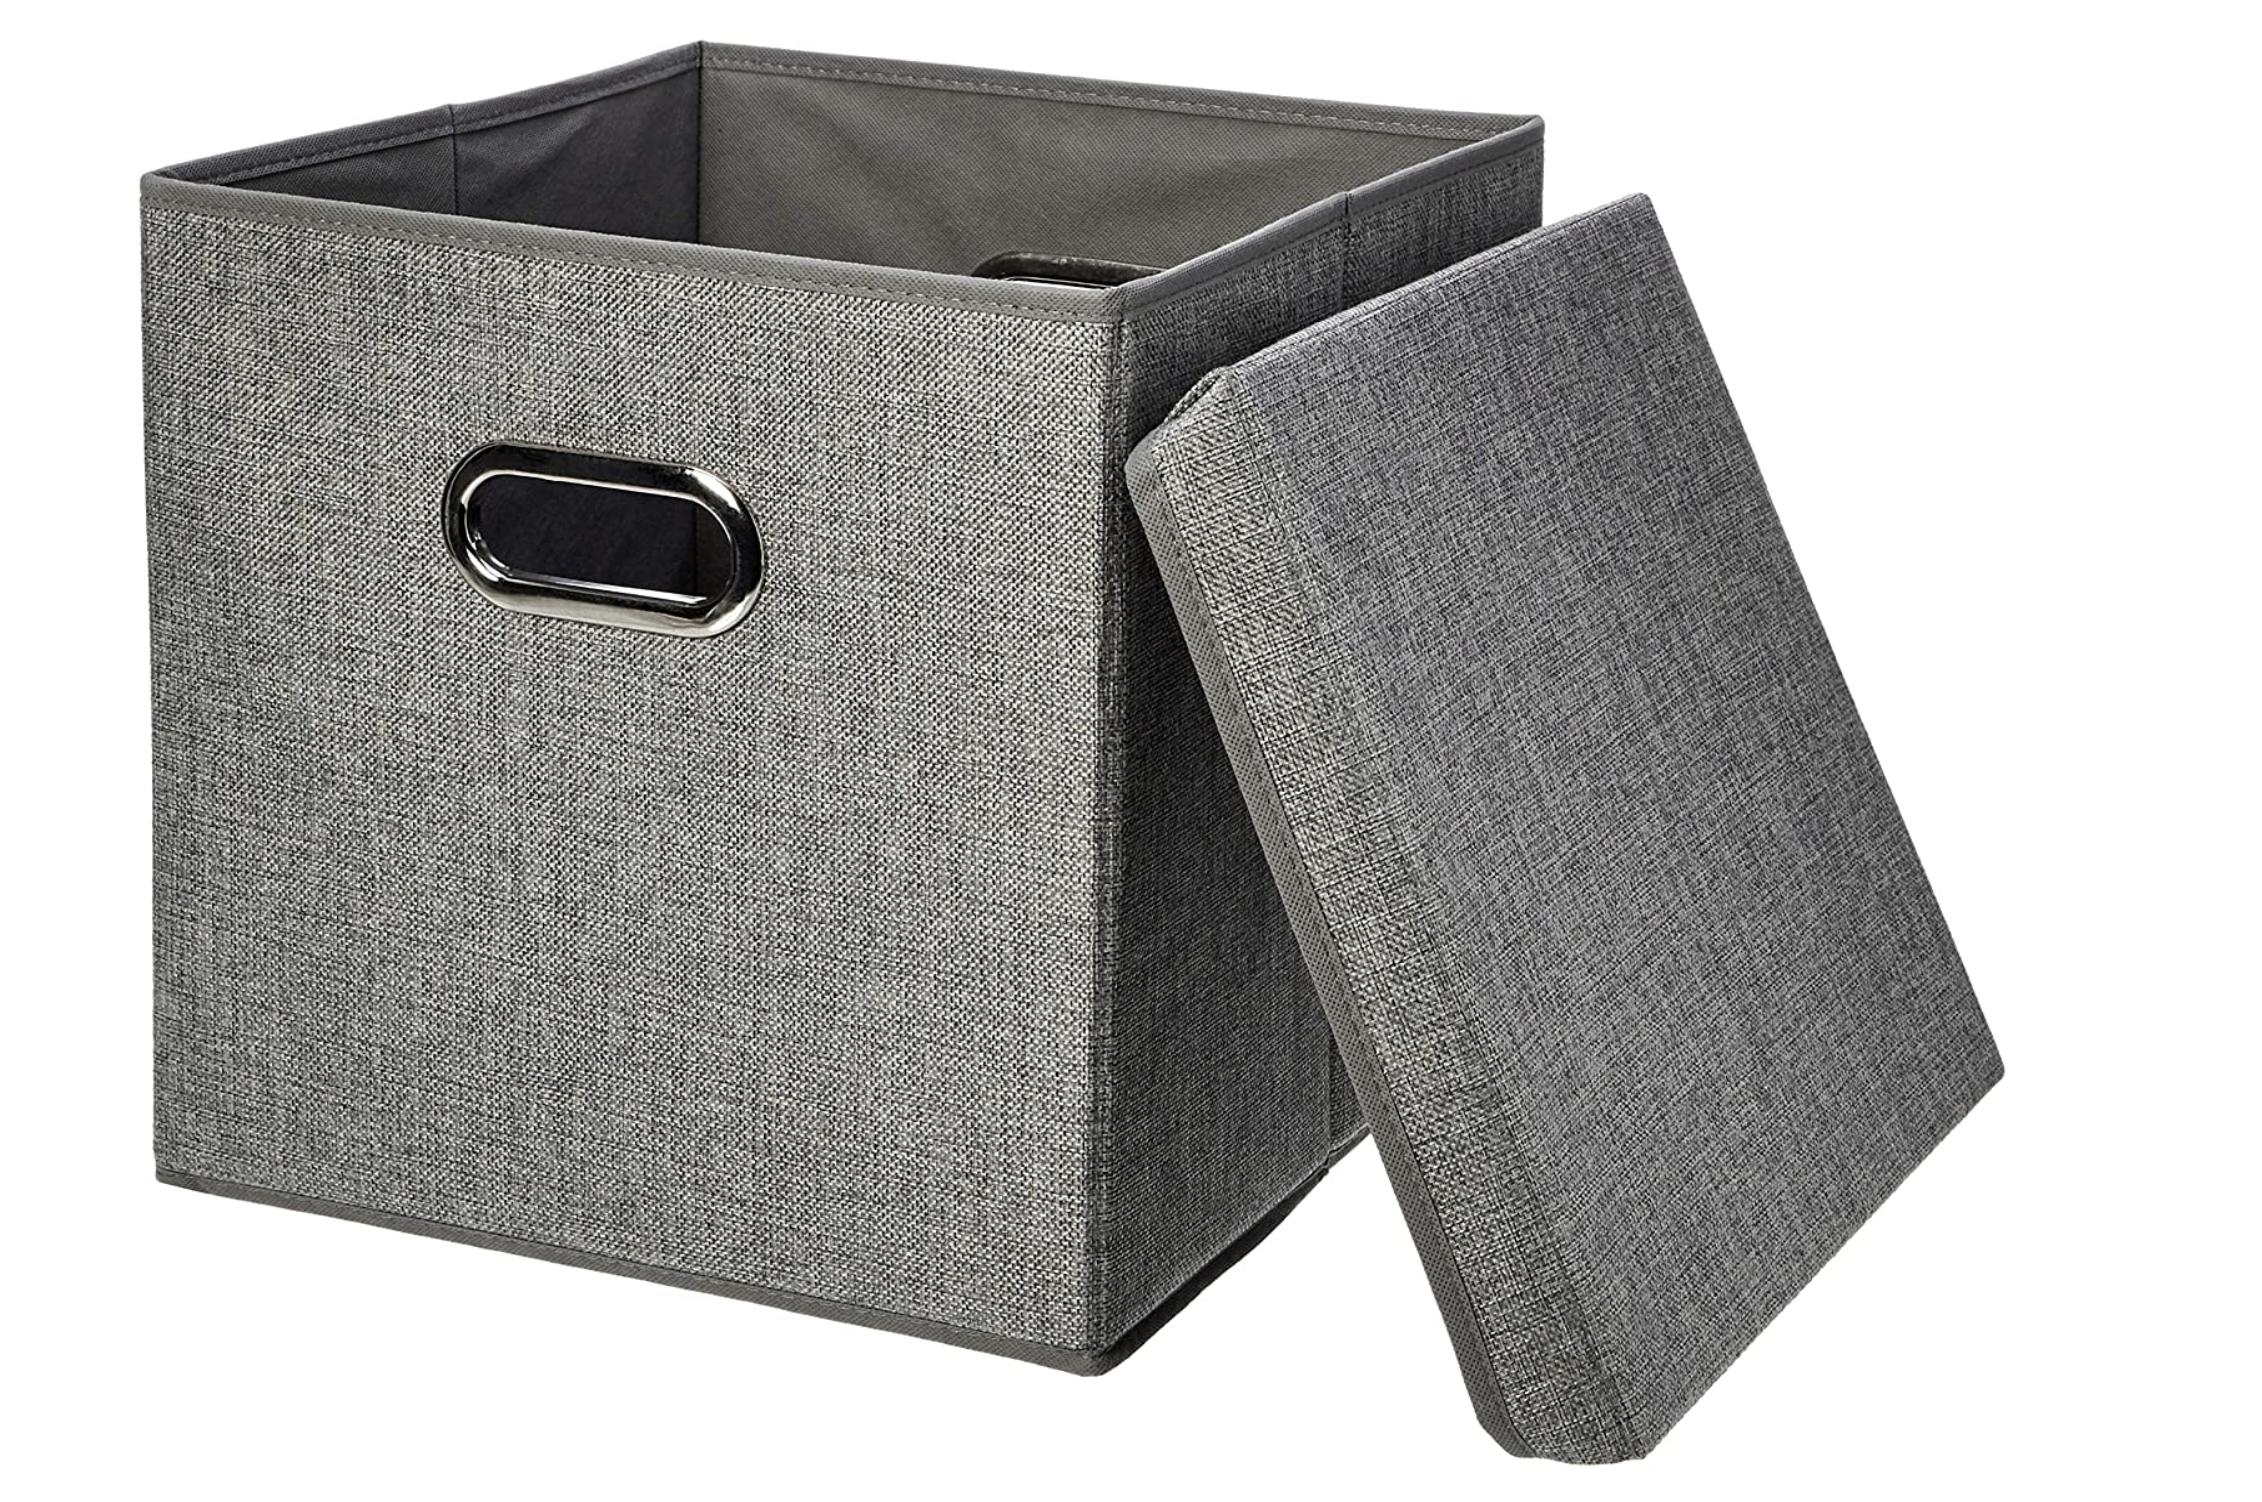 Cubo de almacenamiento cuadrado de color gris con tapa